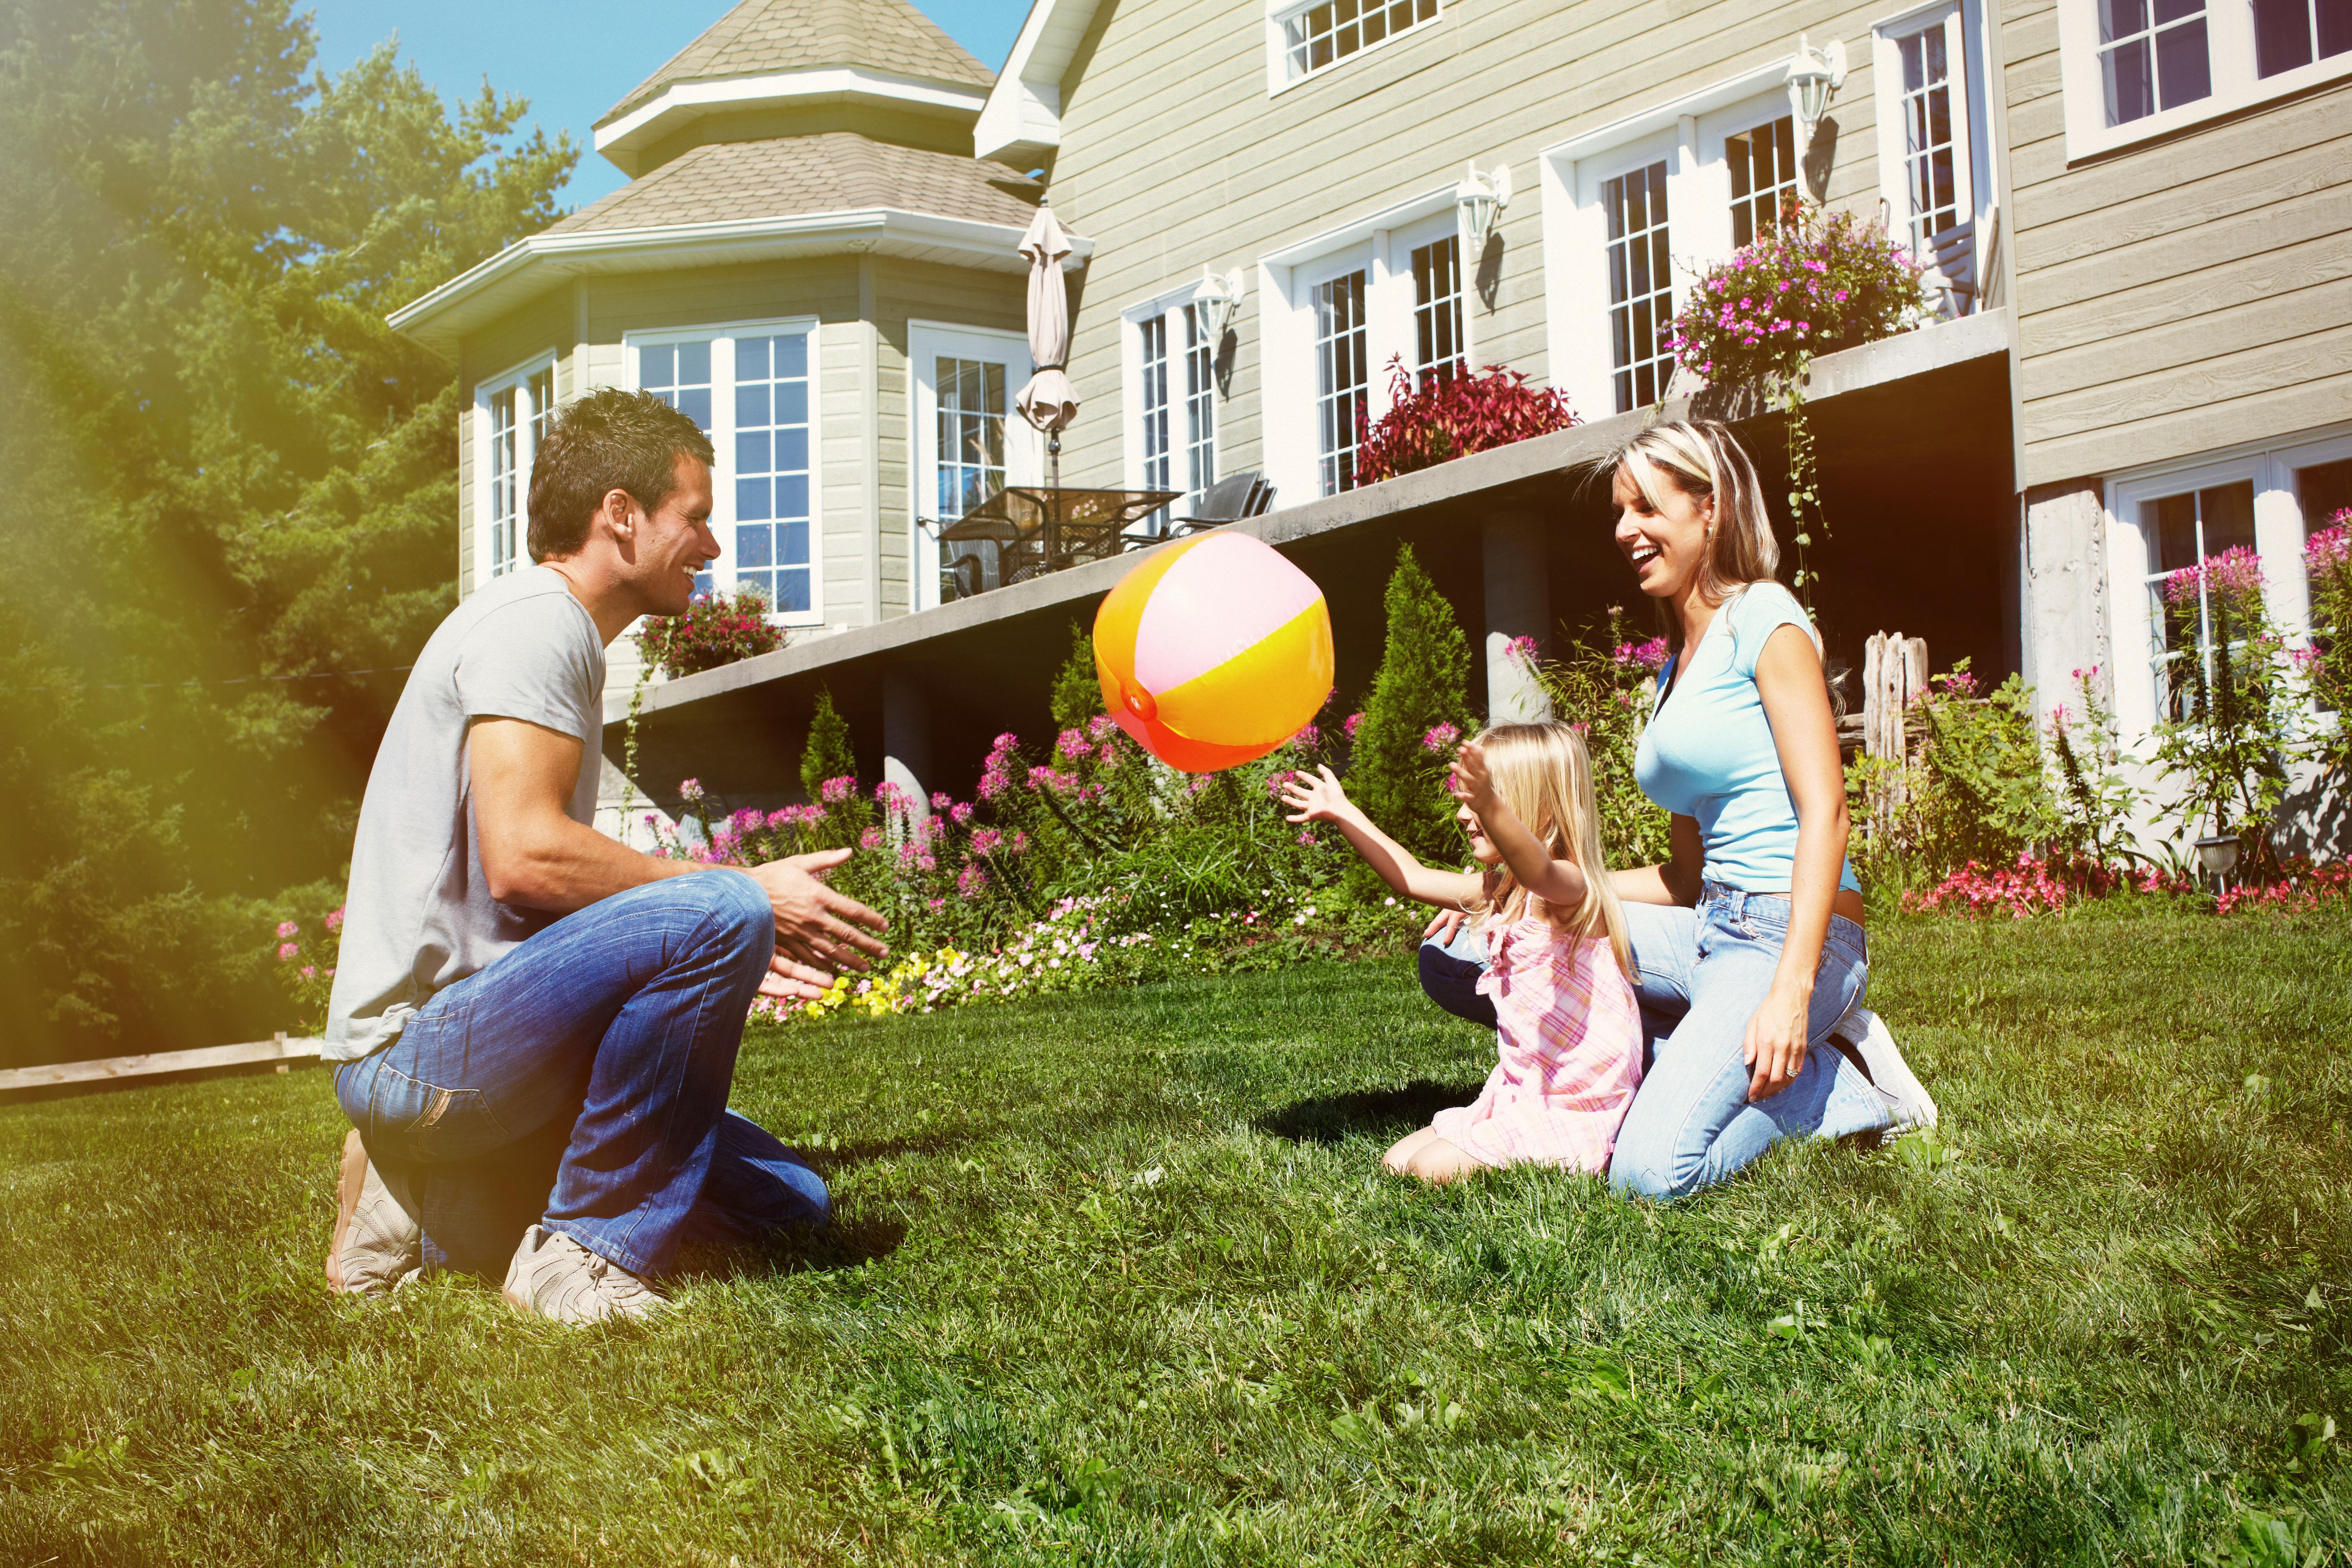 картинки счастливой семьи с двумя детьми на фоне дома зверьков выращивали исторически